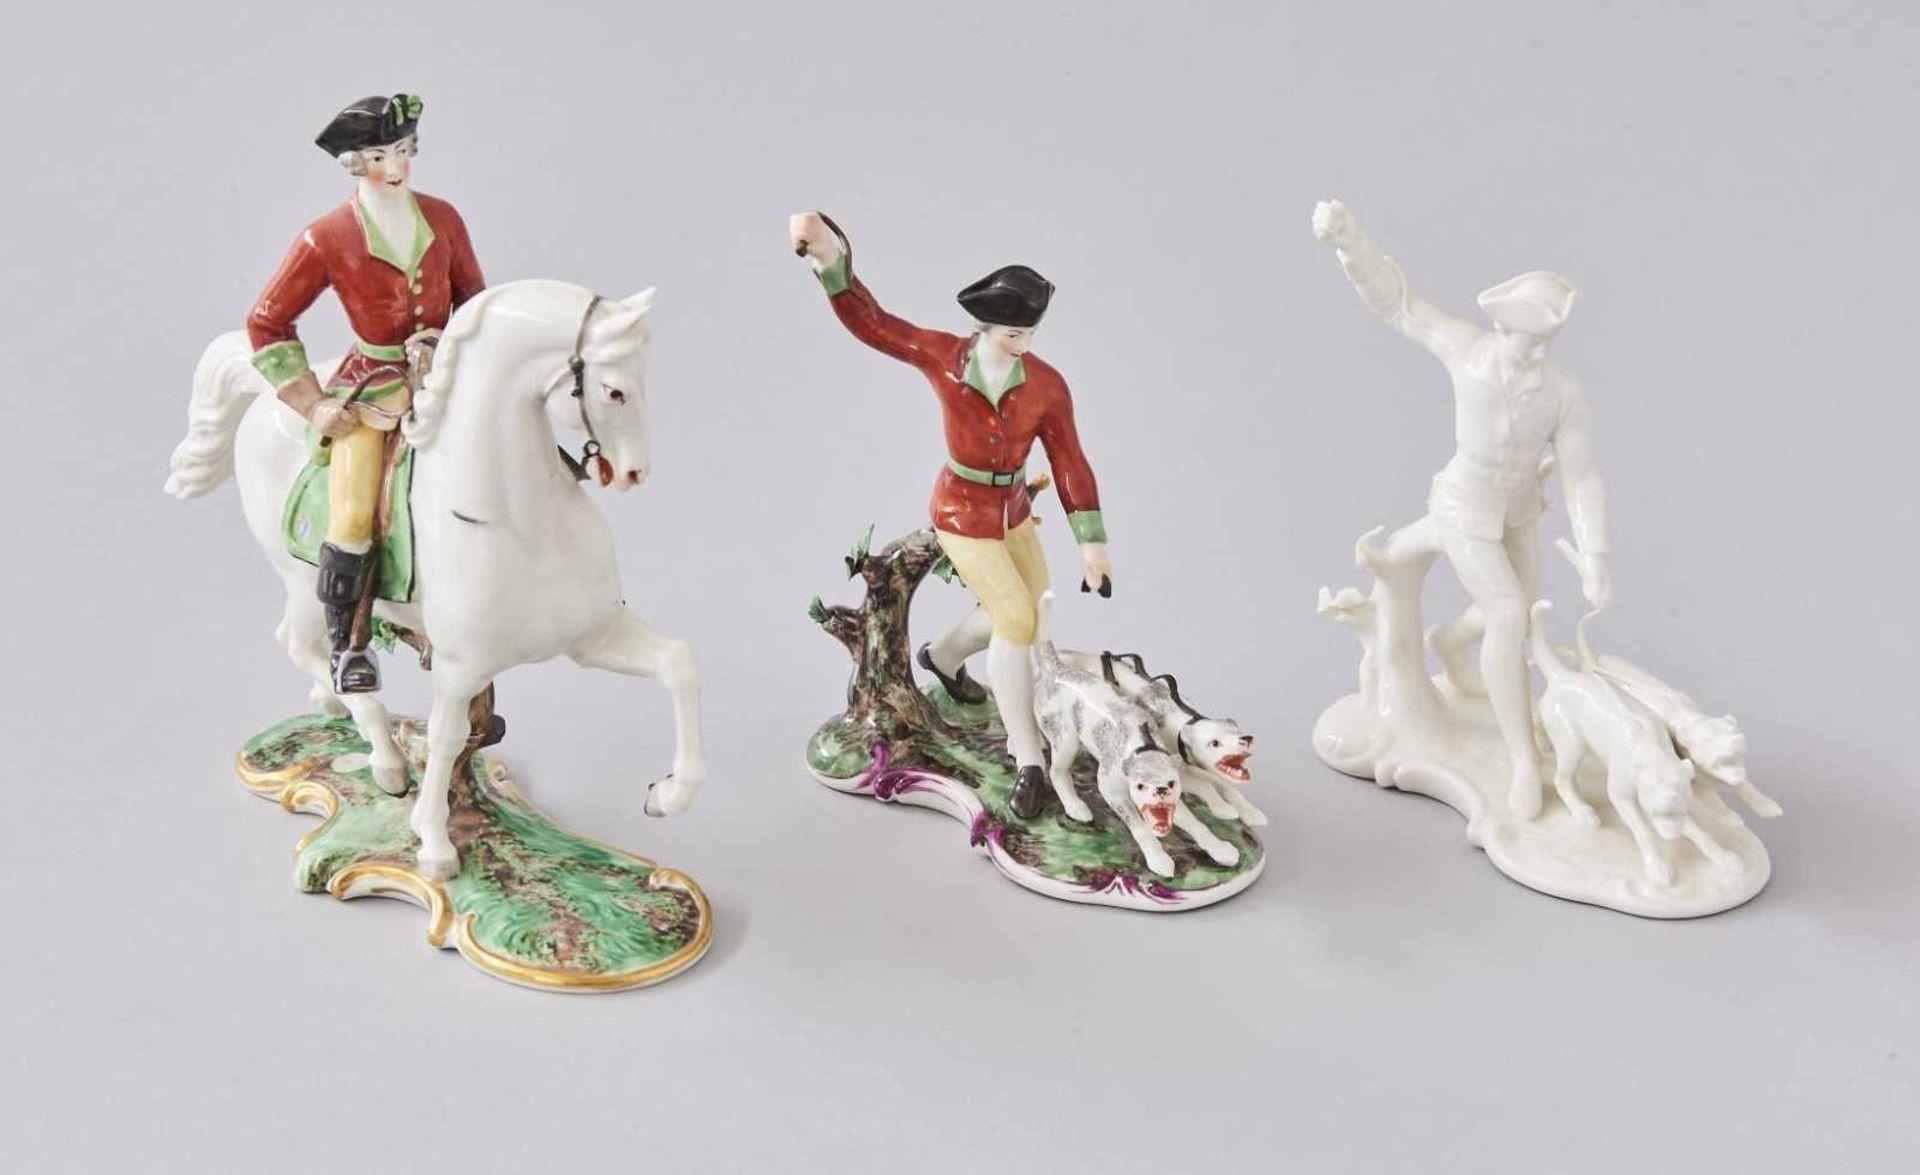 Los 15 - Konvolut 3 Nymphenburg FigurenJäger mit Hund bunt und weiß Höhe je 16,5 cm, Beschädigungen an